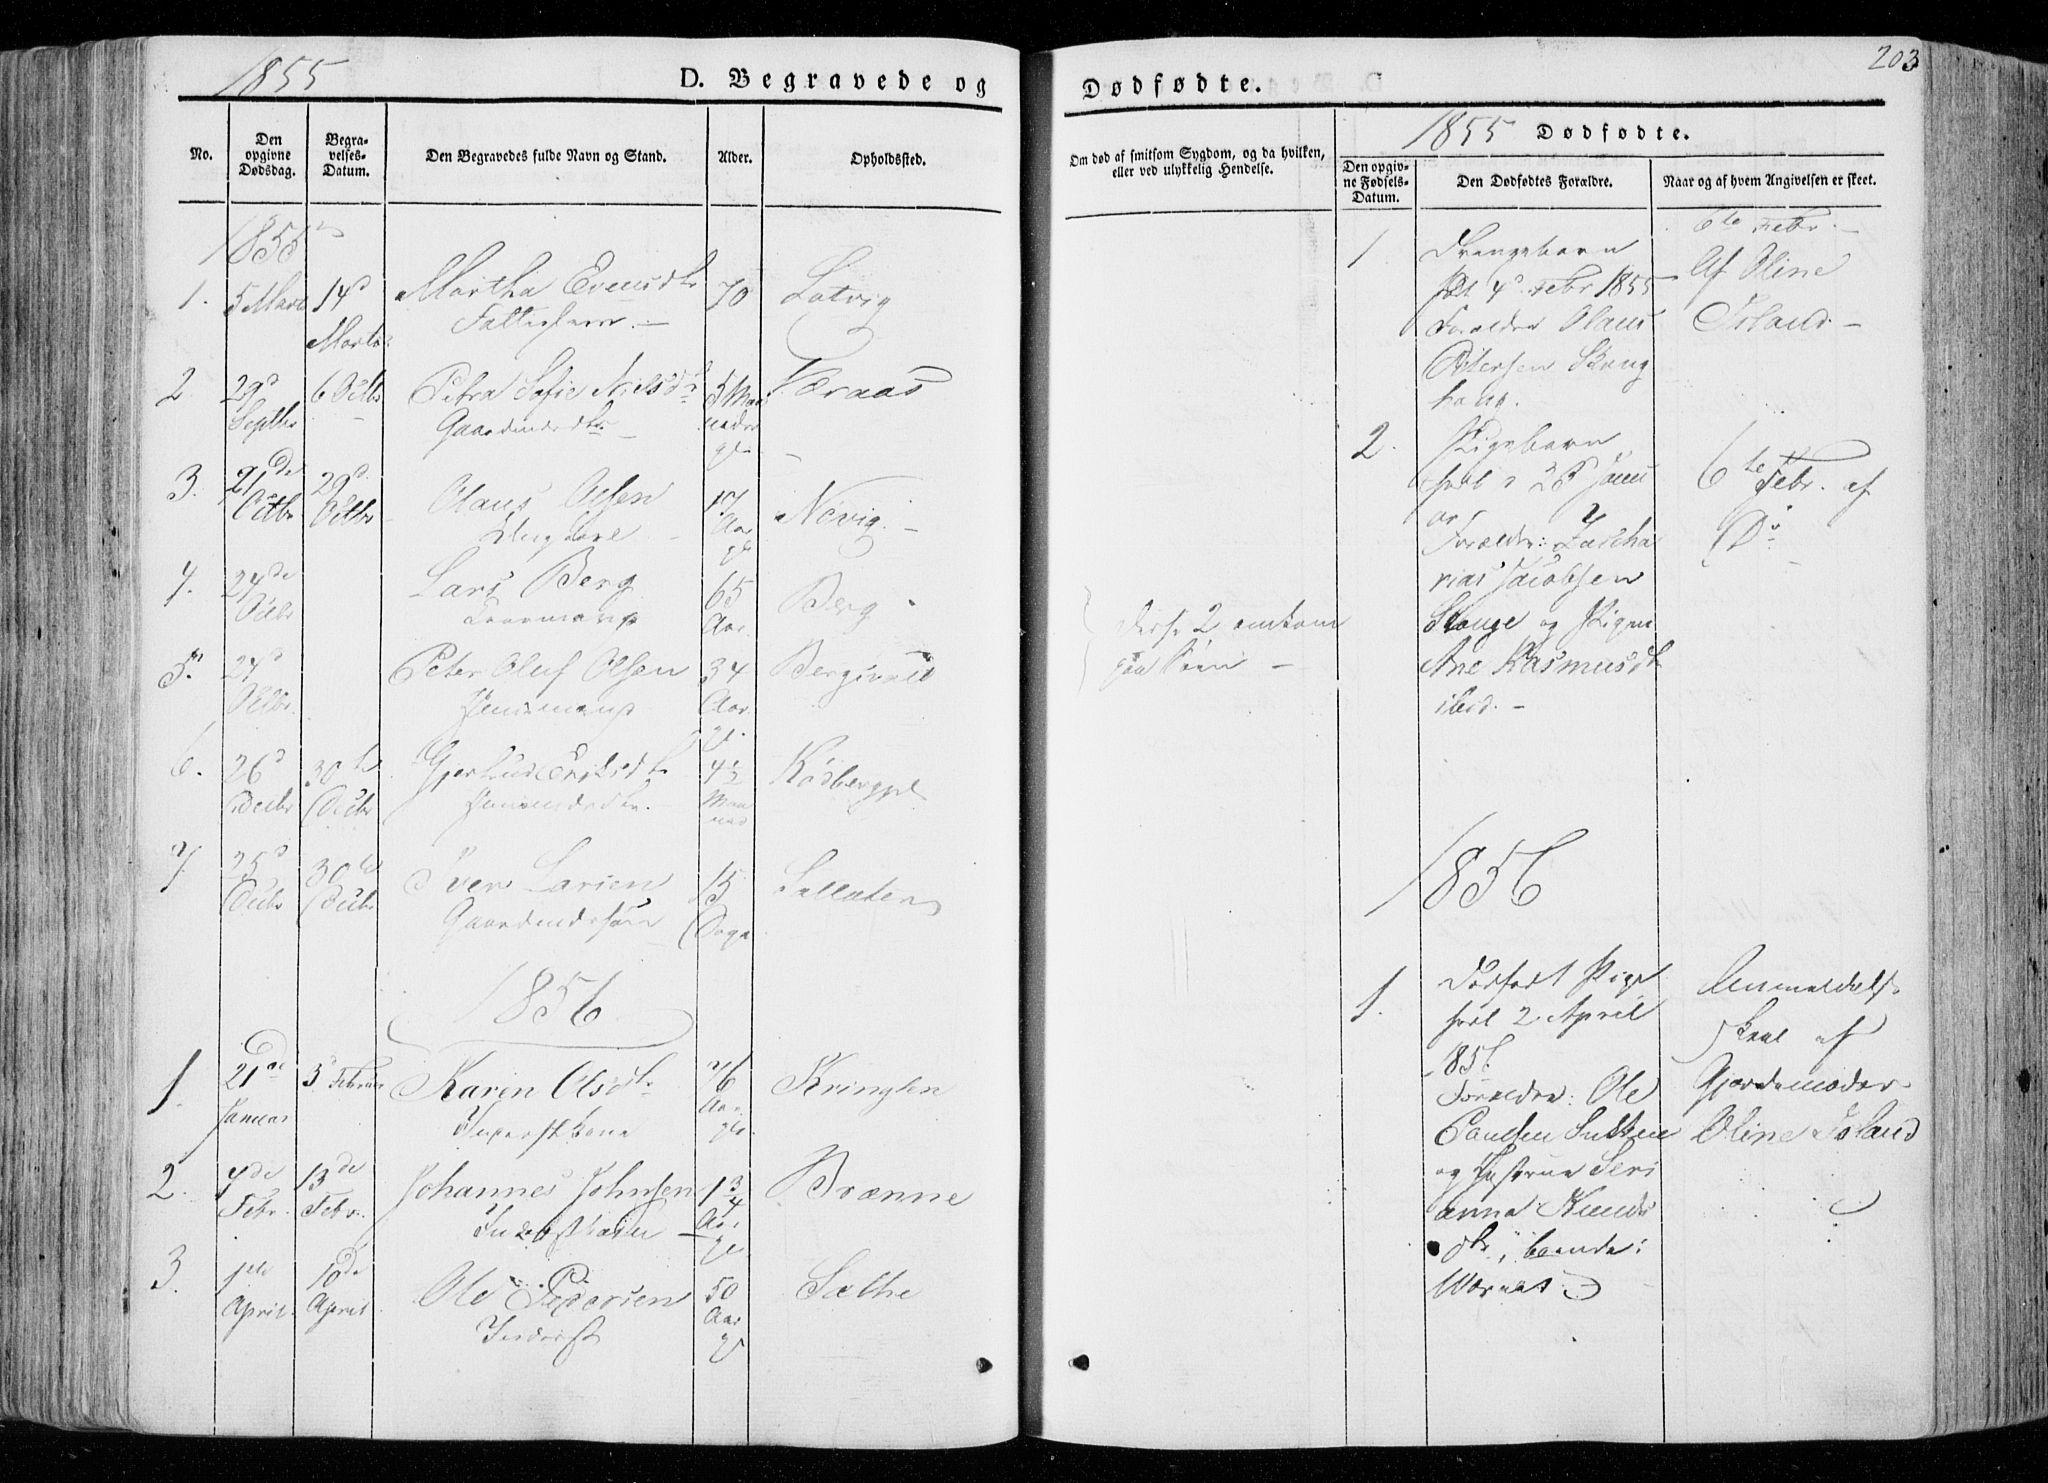 SAT, Ministerialprotokoller, klokkerbøker og fødselsregistre - Nord-Trøndelag, 722/L0218: Ministerialbok nr. 722A05, 1843-1868, s. 203